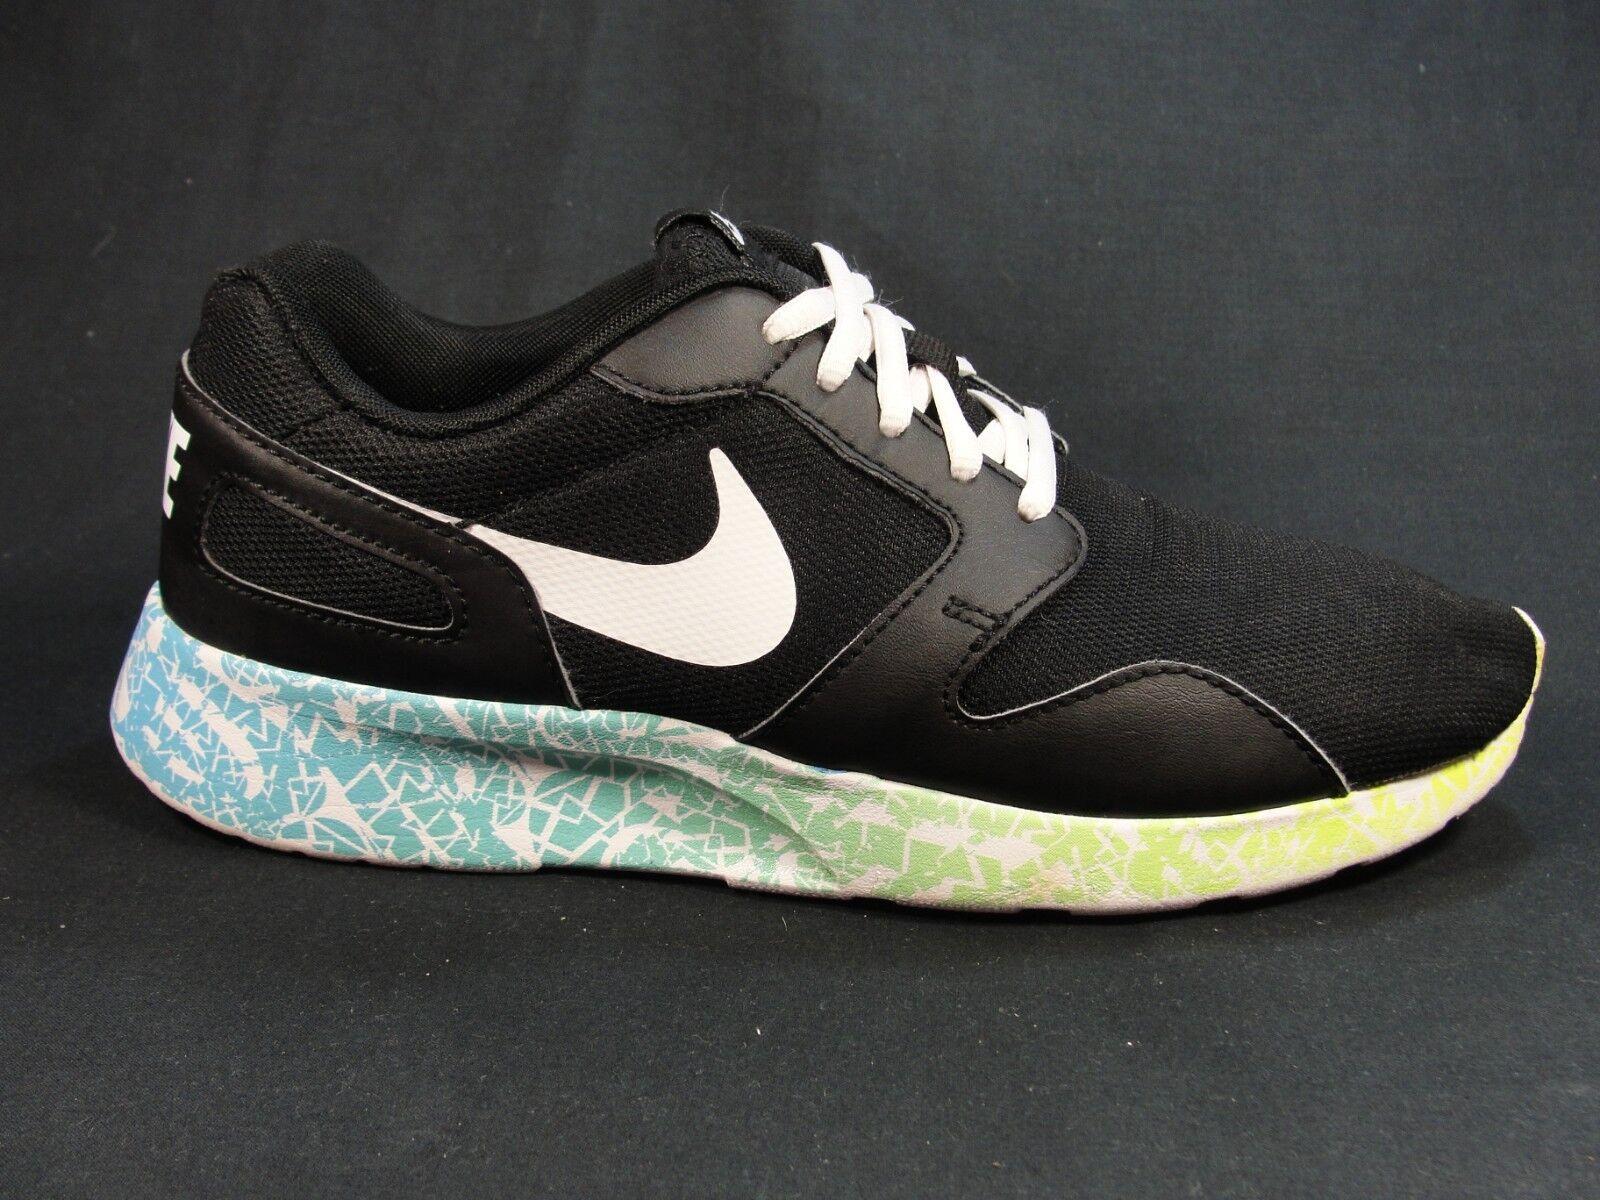 Nike kaishi print (705374-014) le donne scarpe taglia taglia taglia us6 uk5.5 eu39 | Molto apprezzato e ampiamente fidato dentro e fuori  | Maschio/Ragazze Scarpa  128900